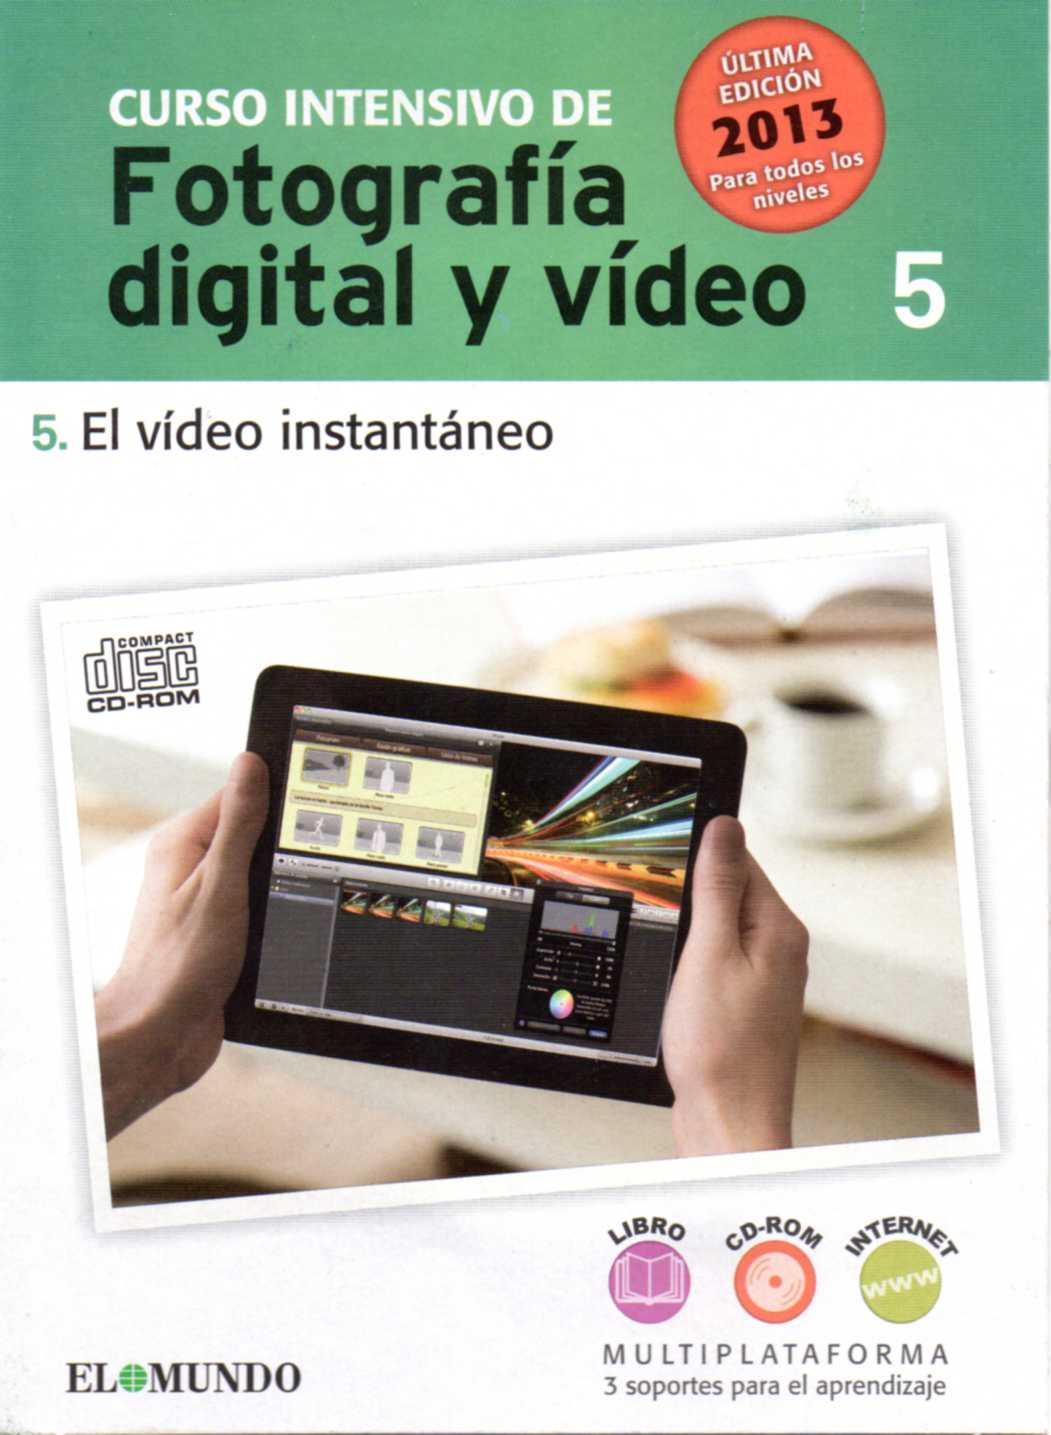 CURSO INTENSIVO DE FOTOGRAFÍA DIGITAL Y VÍDEO. CD-ROM nº 5: El vídeo instantáneo.